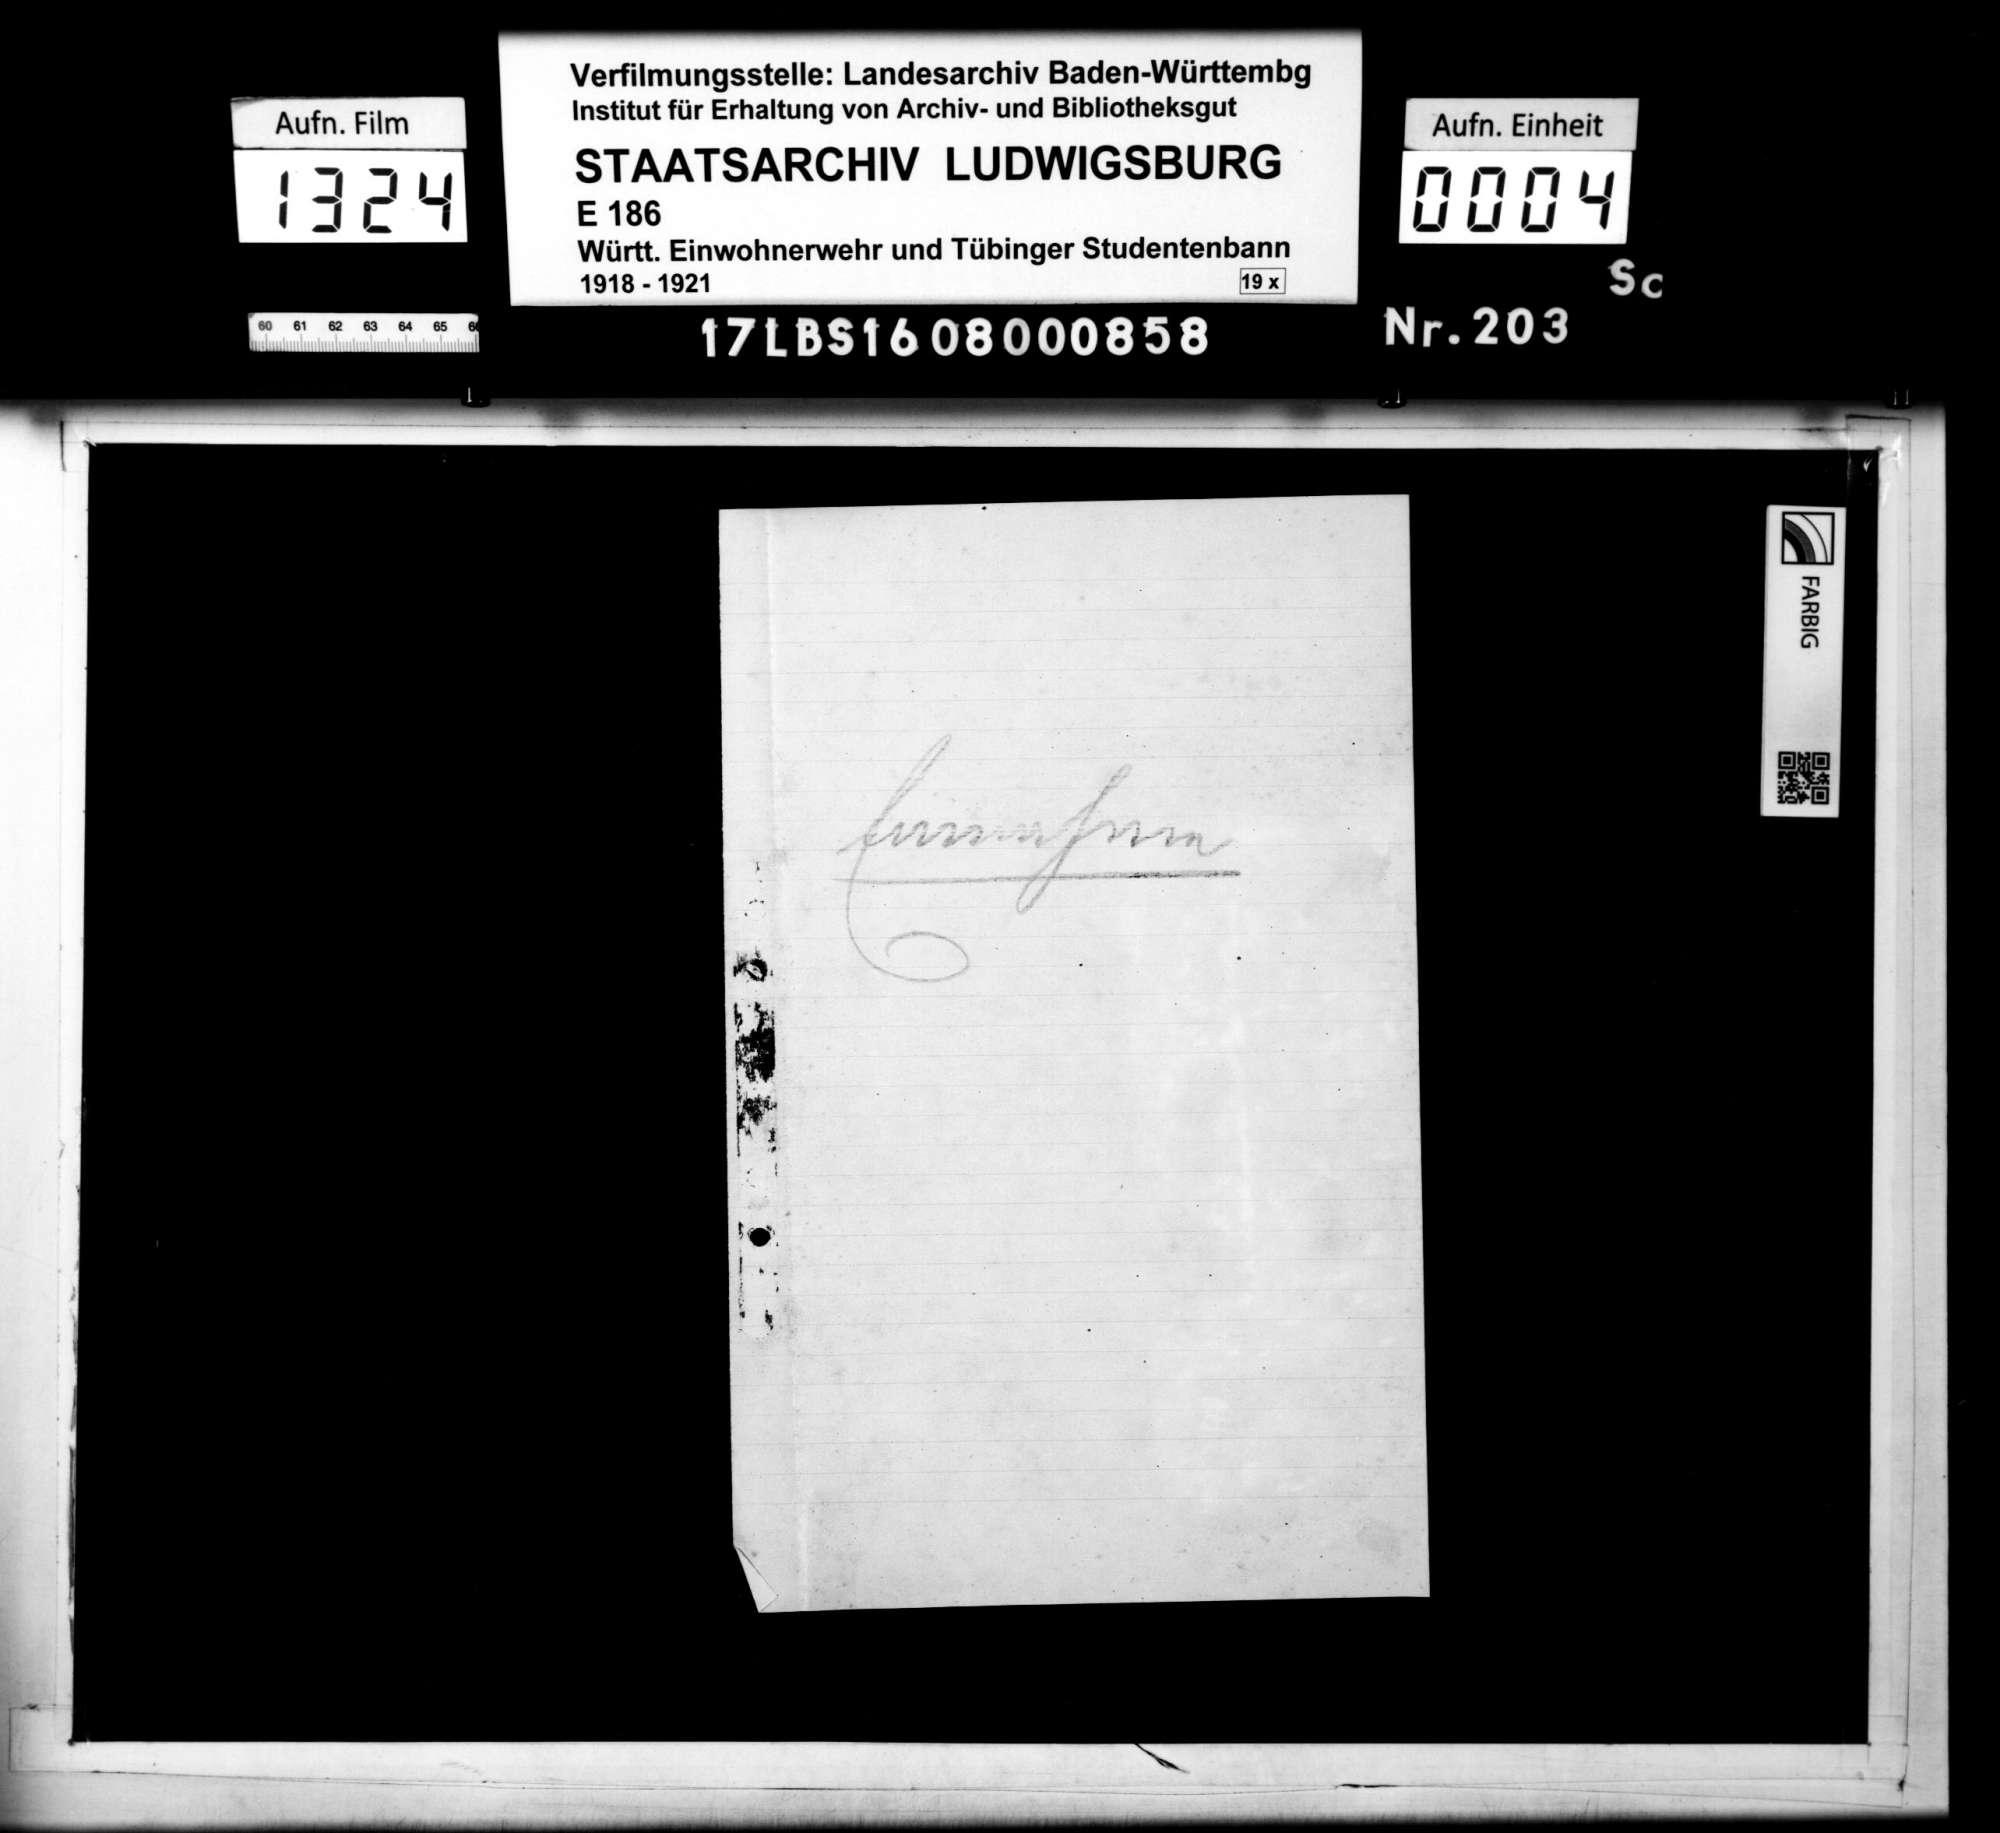 Einnahme- und Ausgabescheine für Material, Bild 2